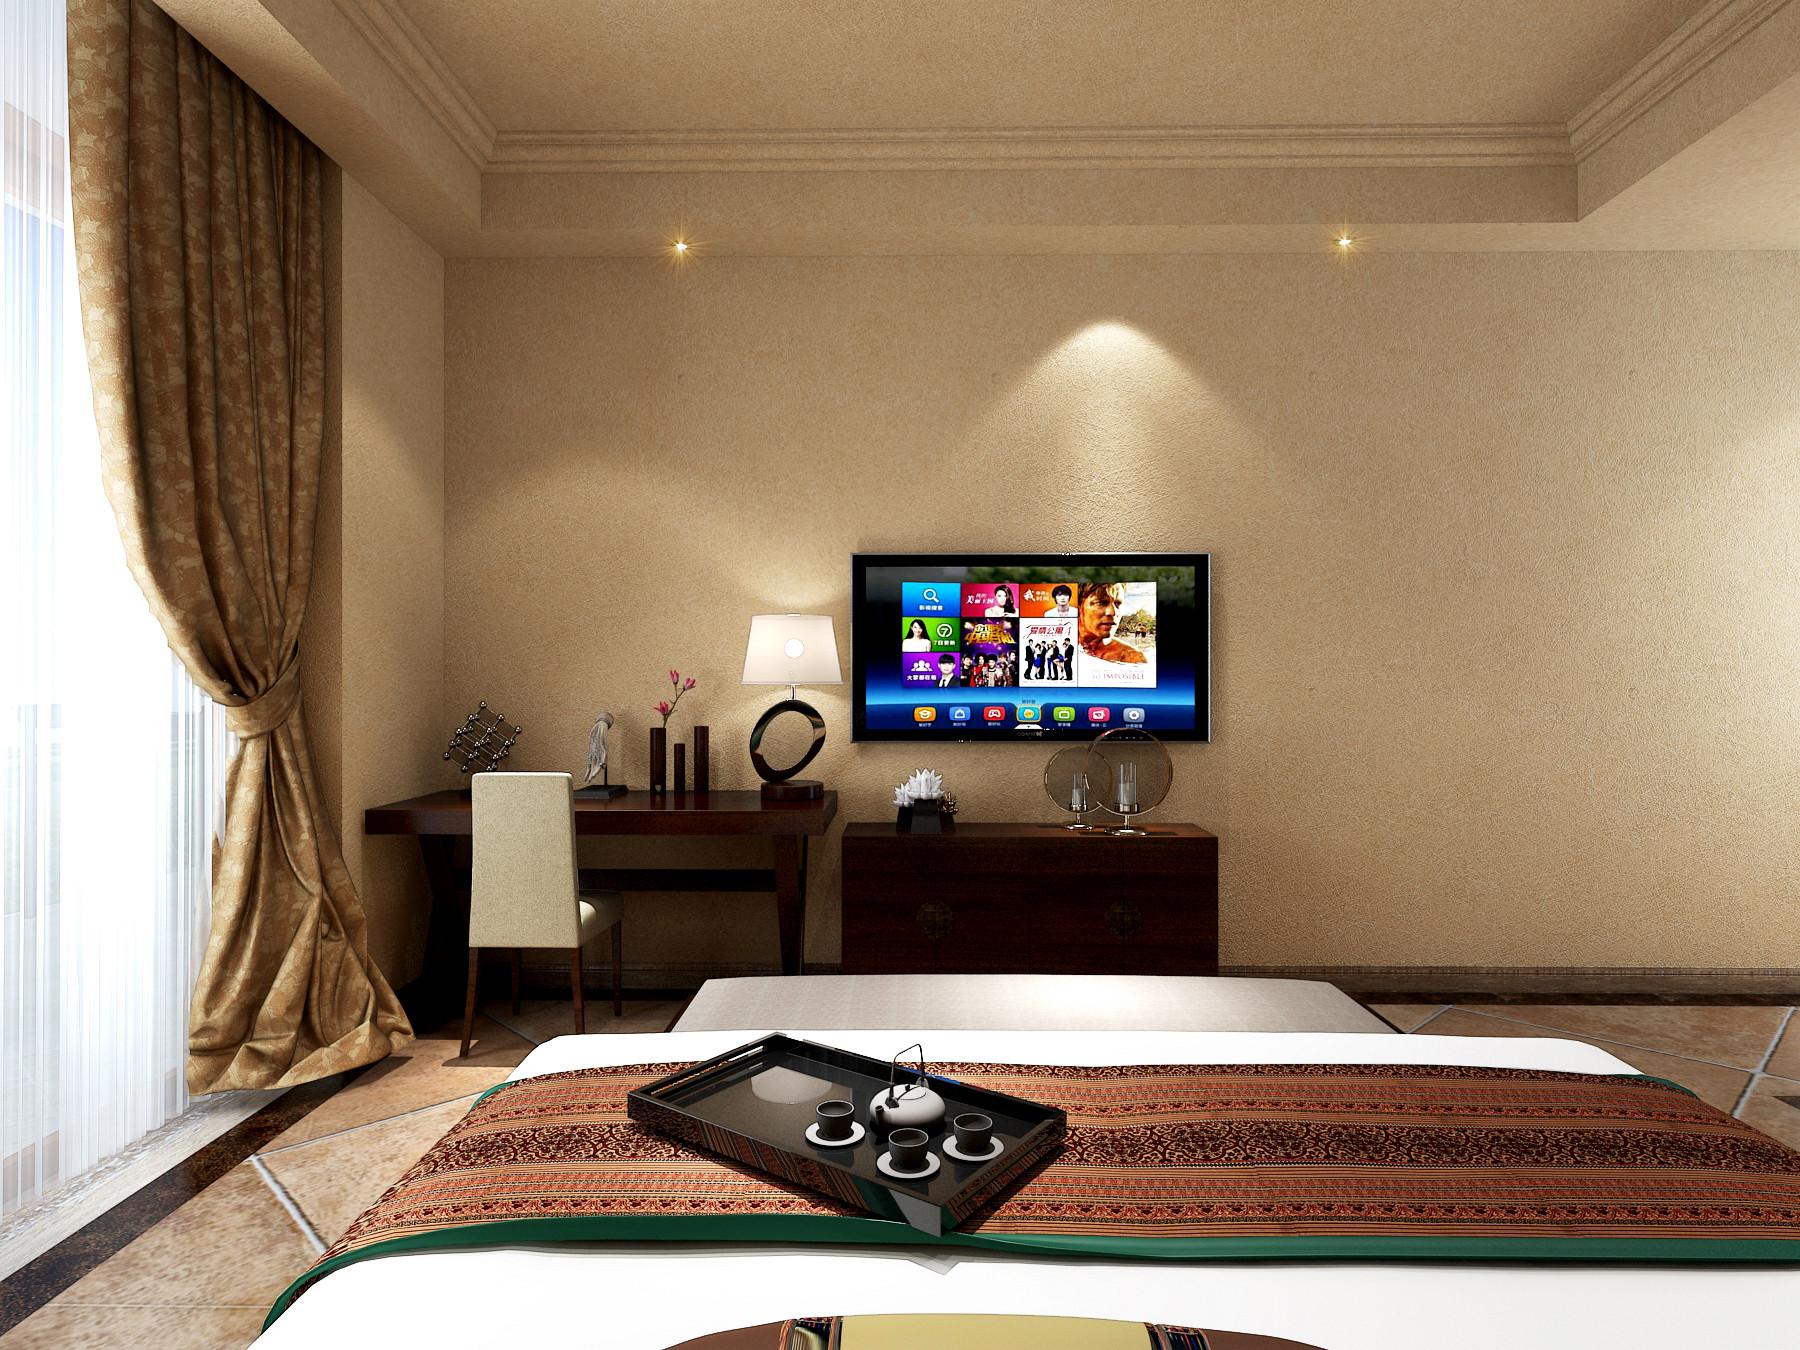 新中式别墅装修电视背景墙图片